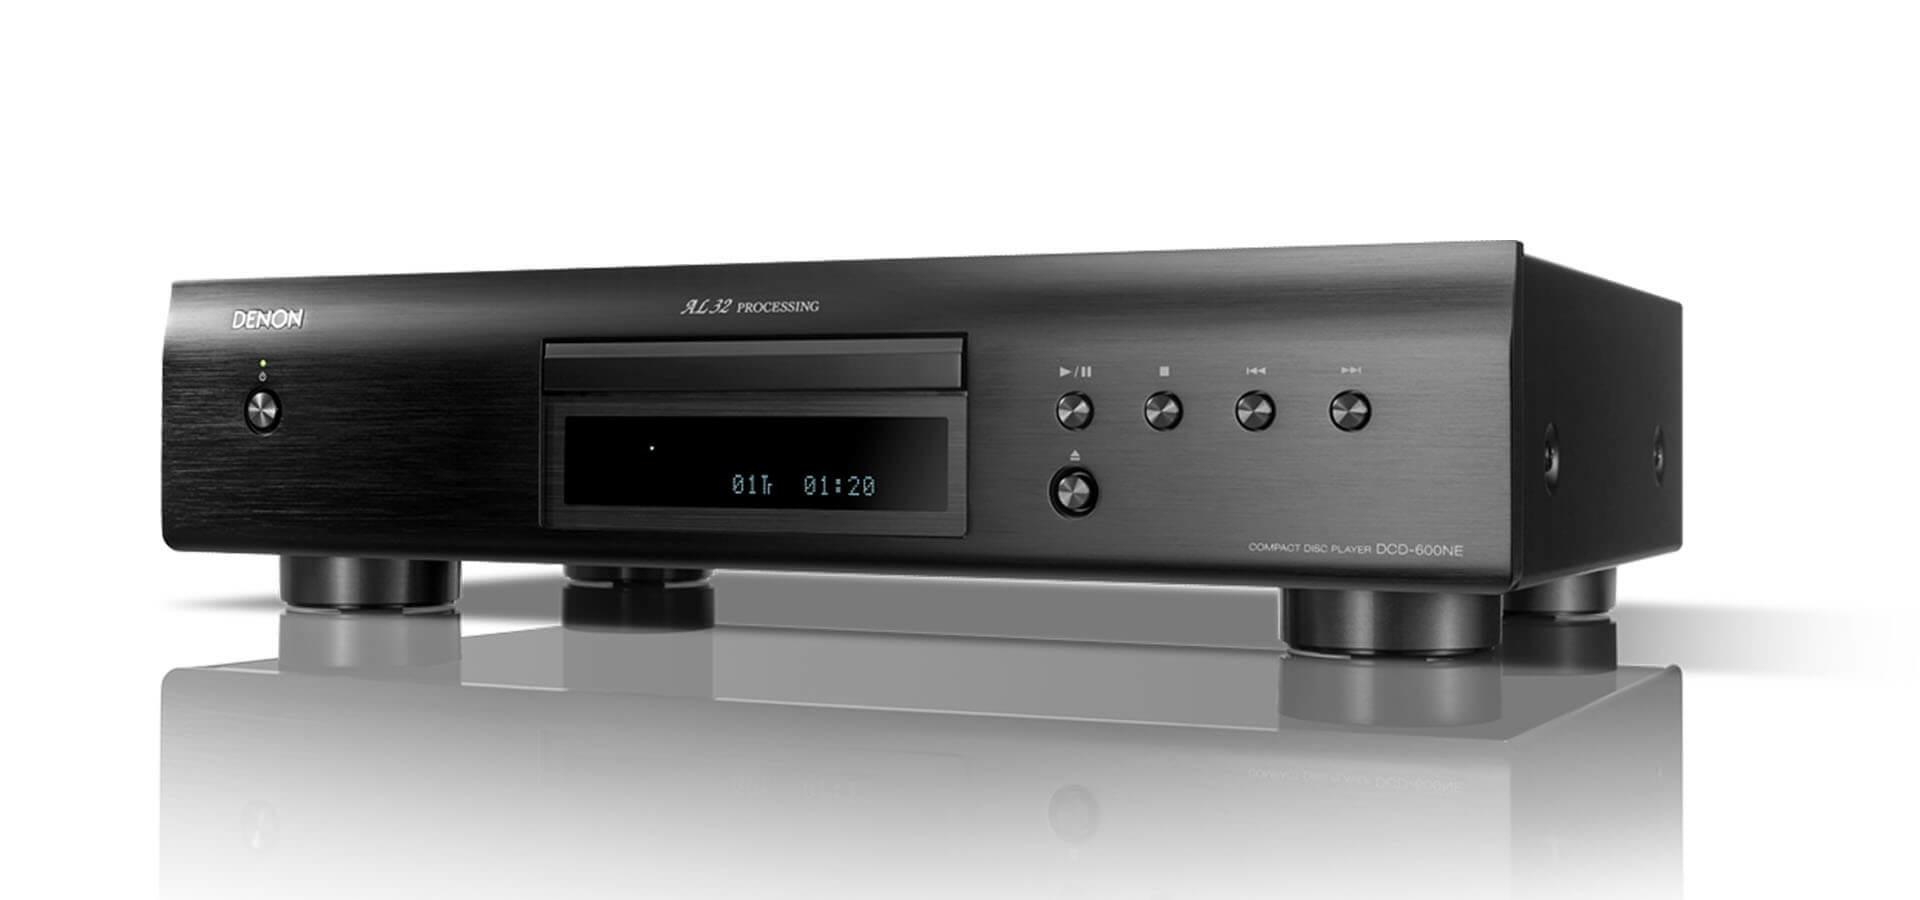 Op Perfect Plasma is alles over beeld | geluid te vinden: waaronder expert en specifiek Denon DCD-600NE CD speler